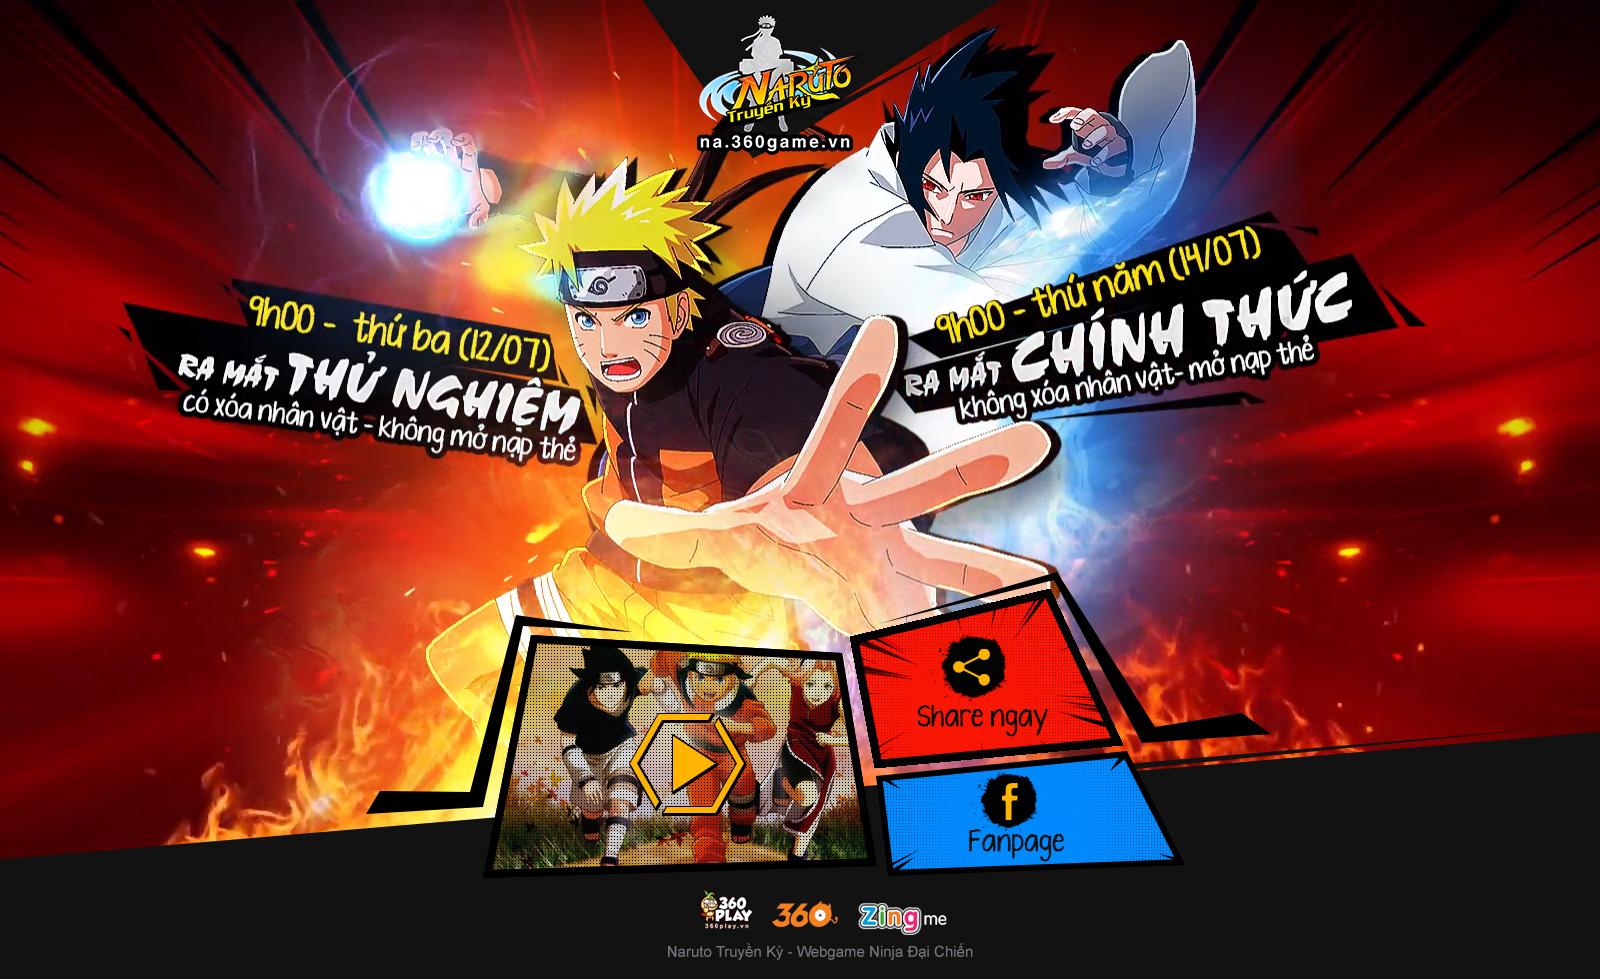 VNG phát hành webgame mới Naruto Truyền Kỳ